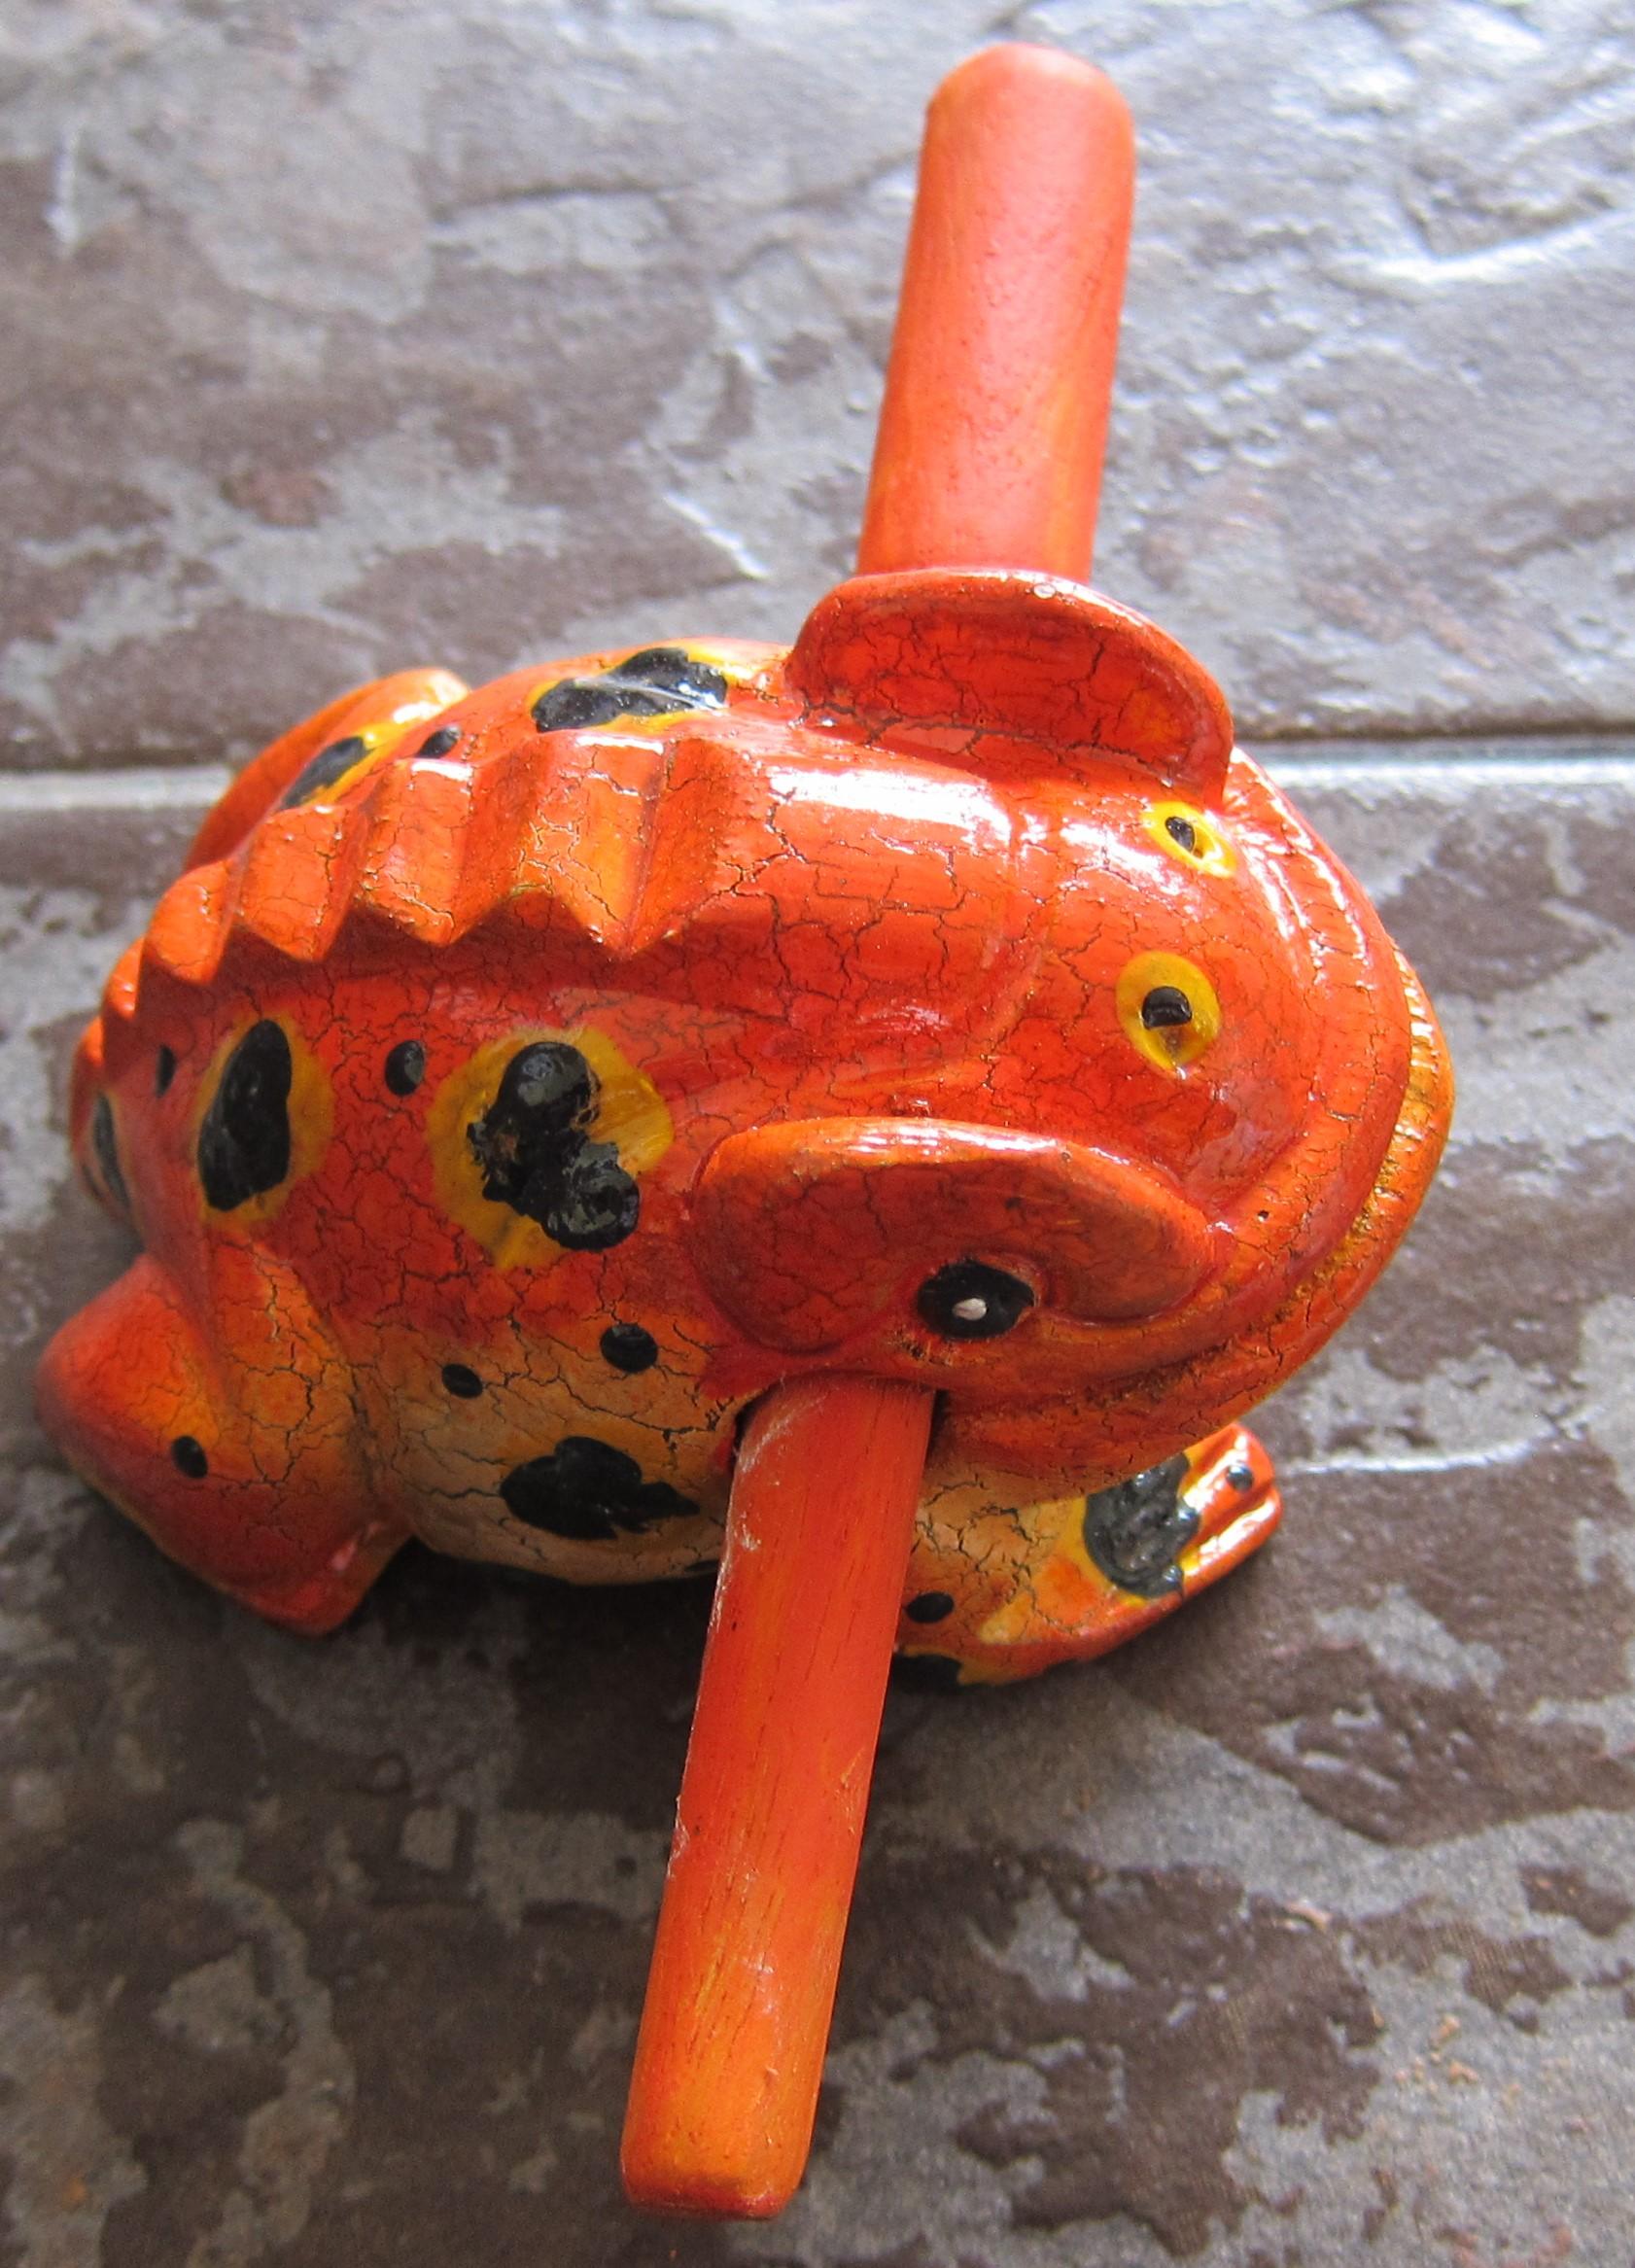 Bullfrog3795